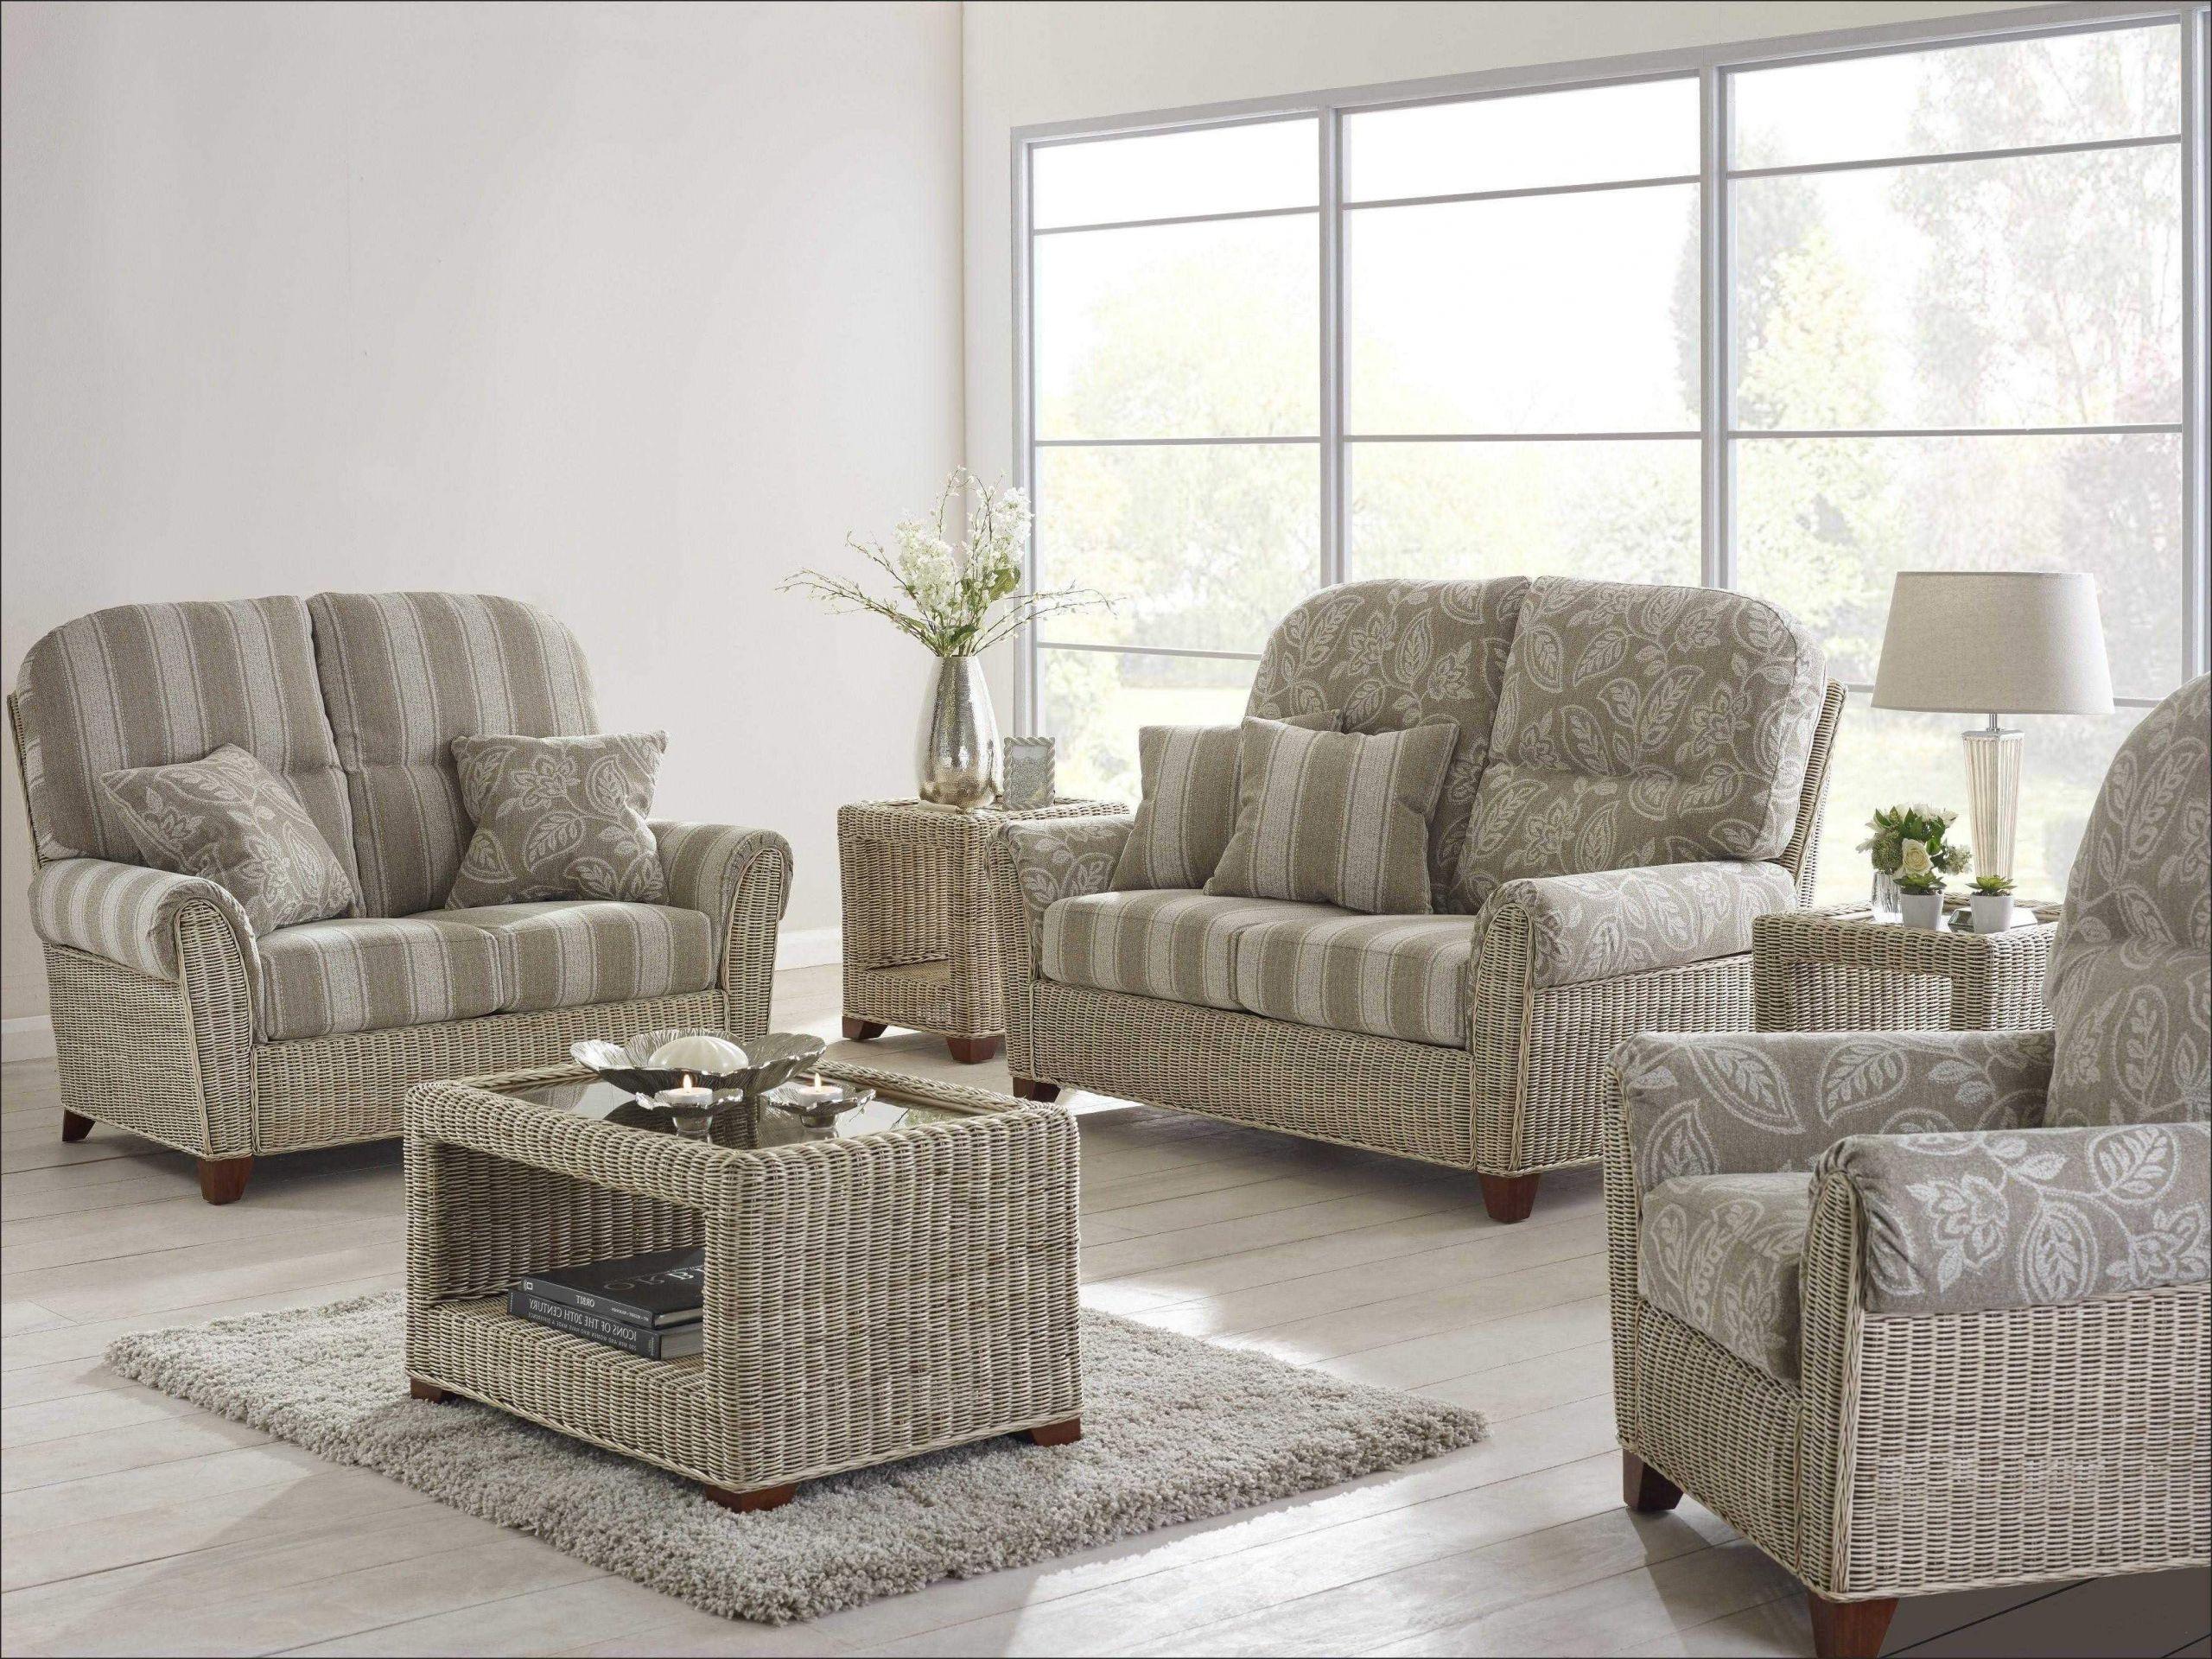 37 luxus von sofas im angebot planen e1uxuksp of couch und sessel